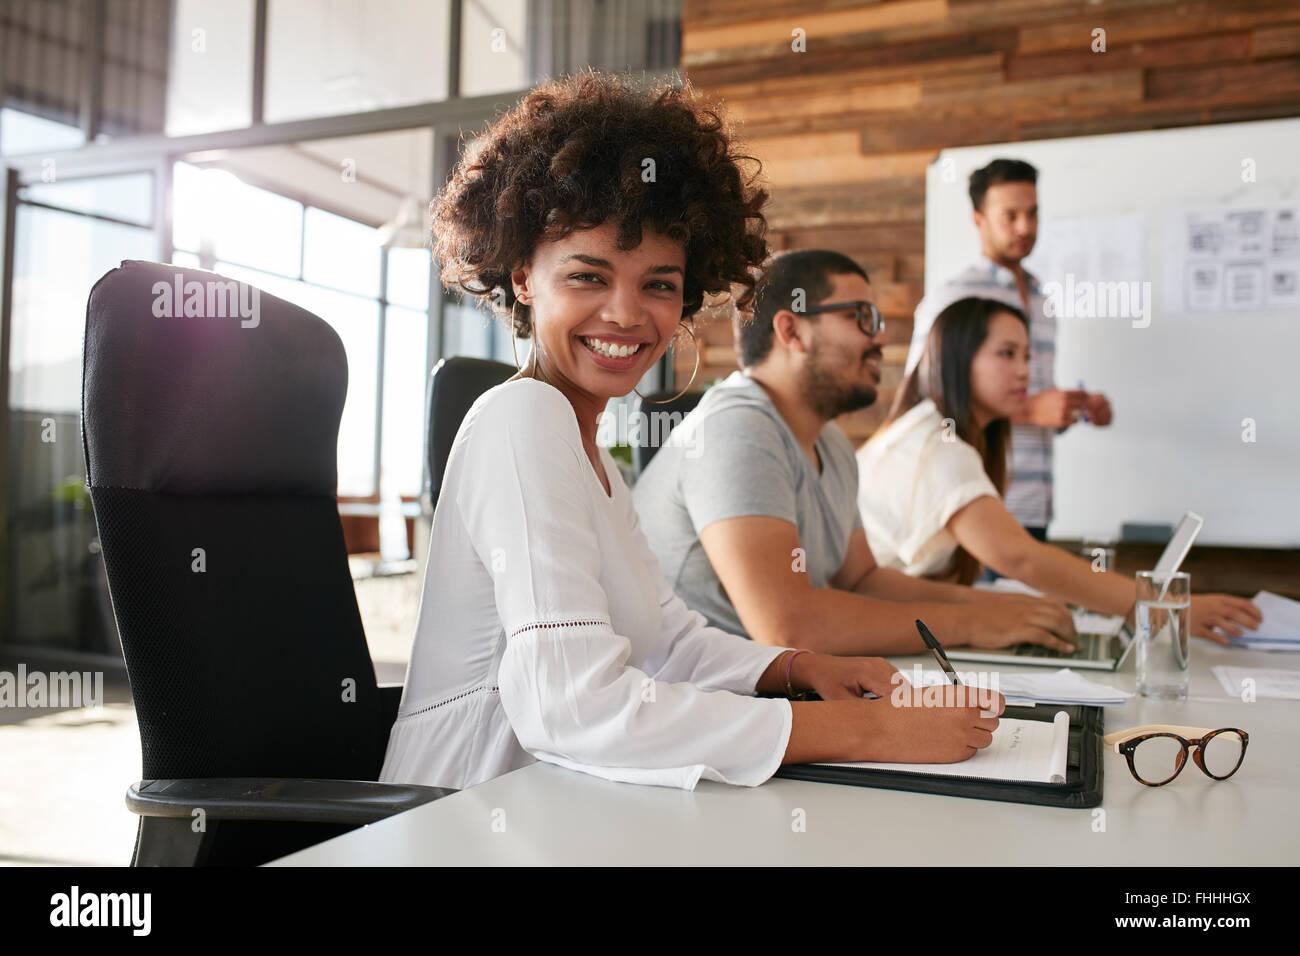 Retrato de feliz joven africana sentado en la presentación de un negocio con sus colegas en la sala de juntas. Imagen De Stock